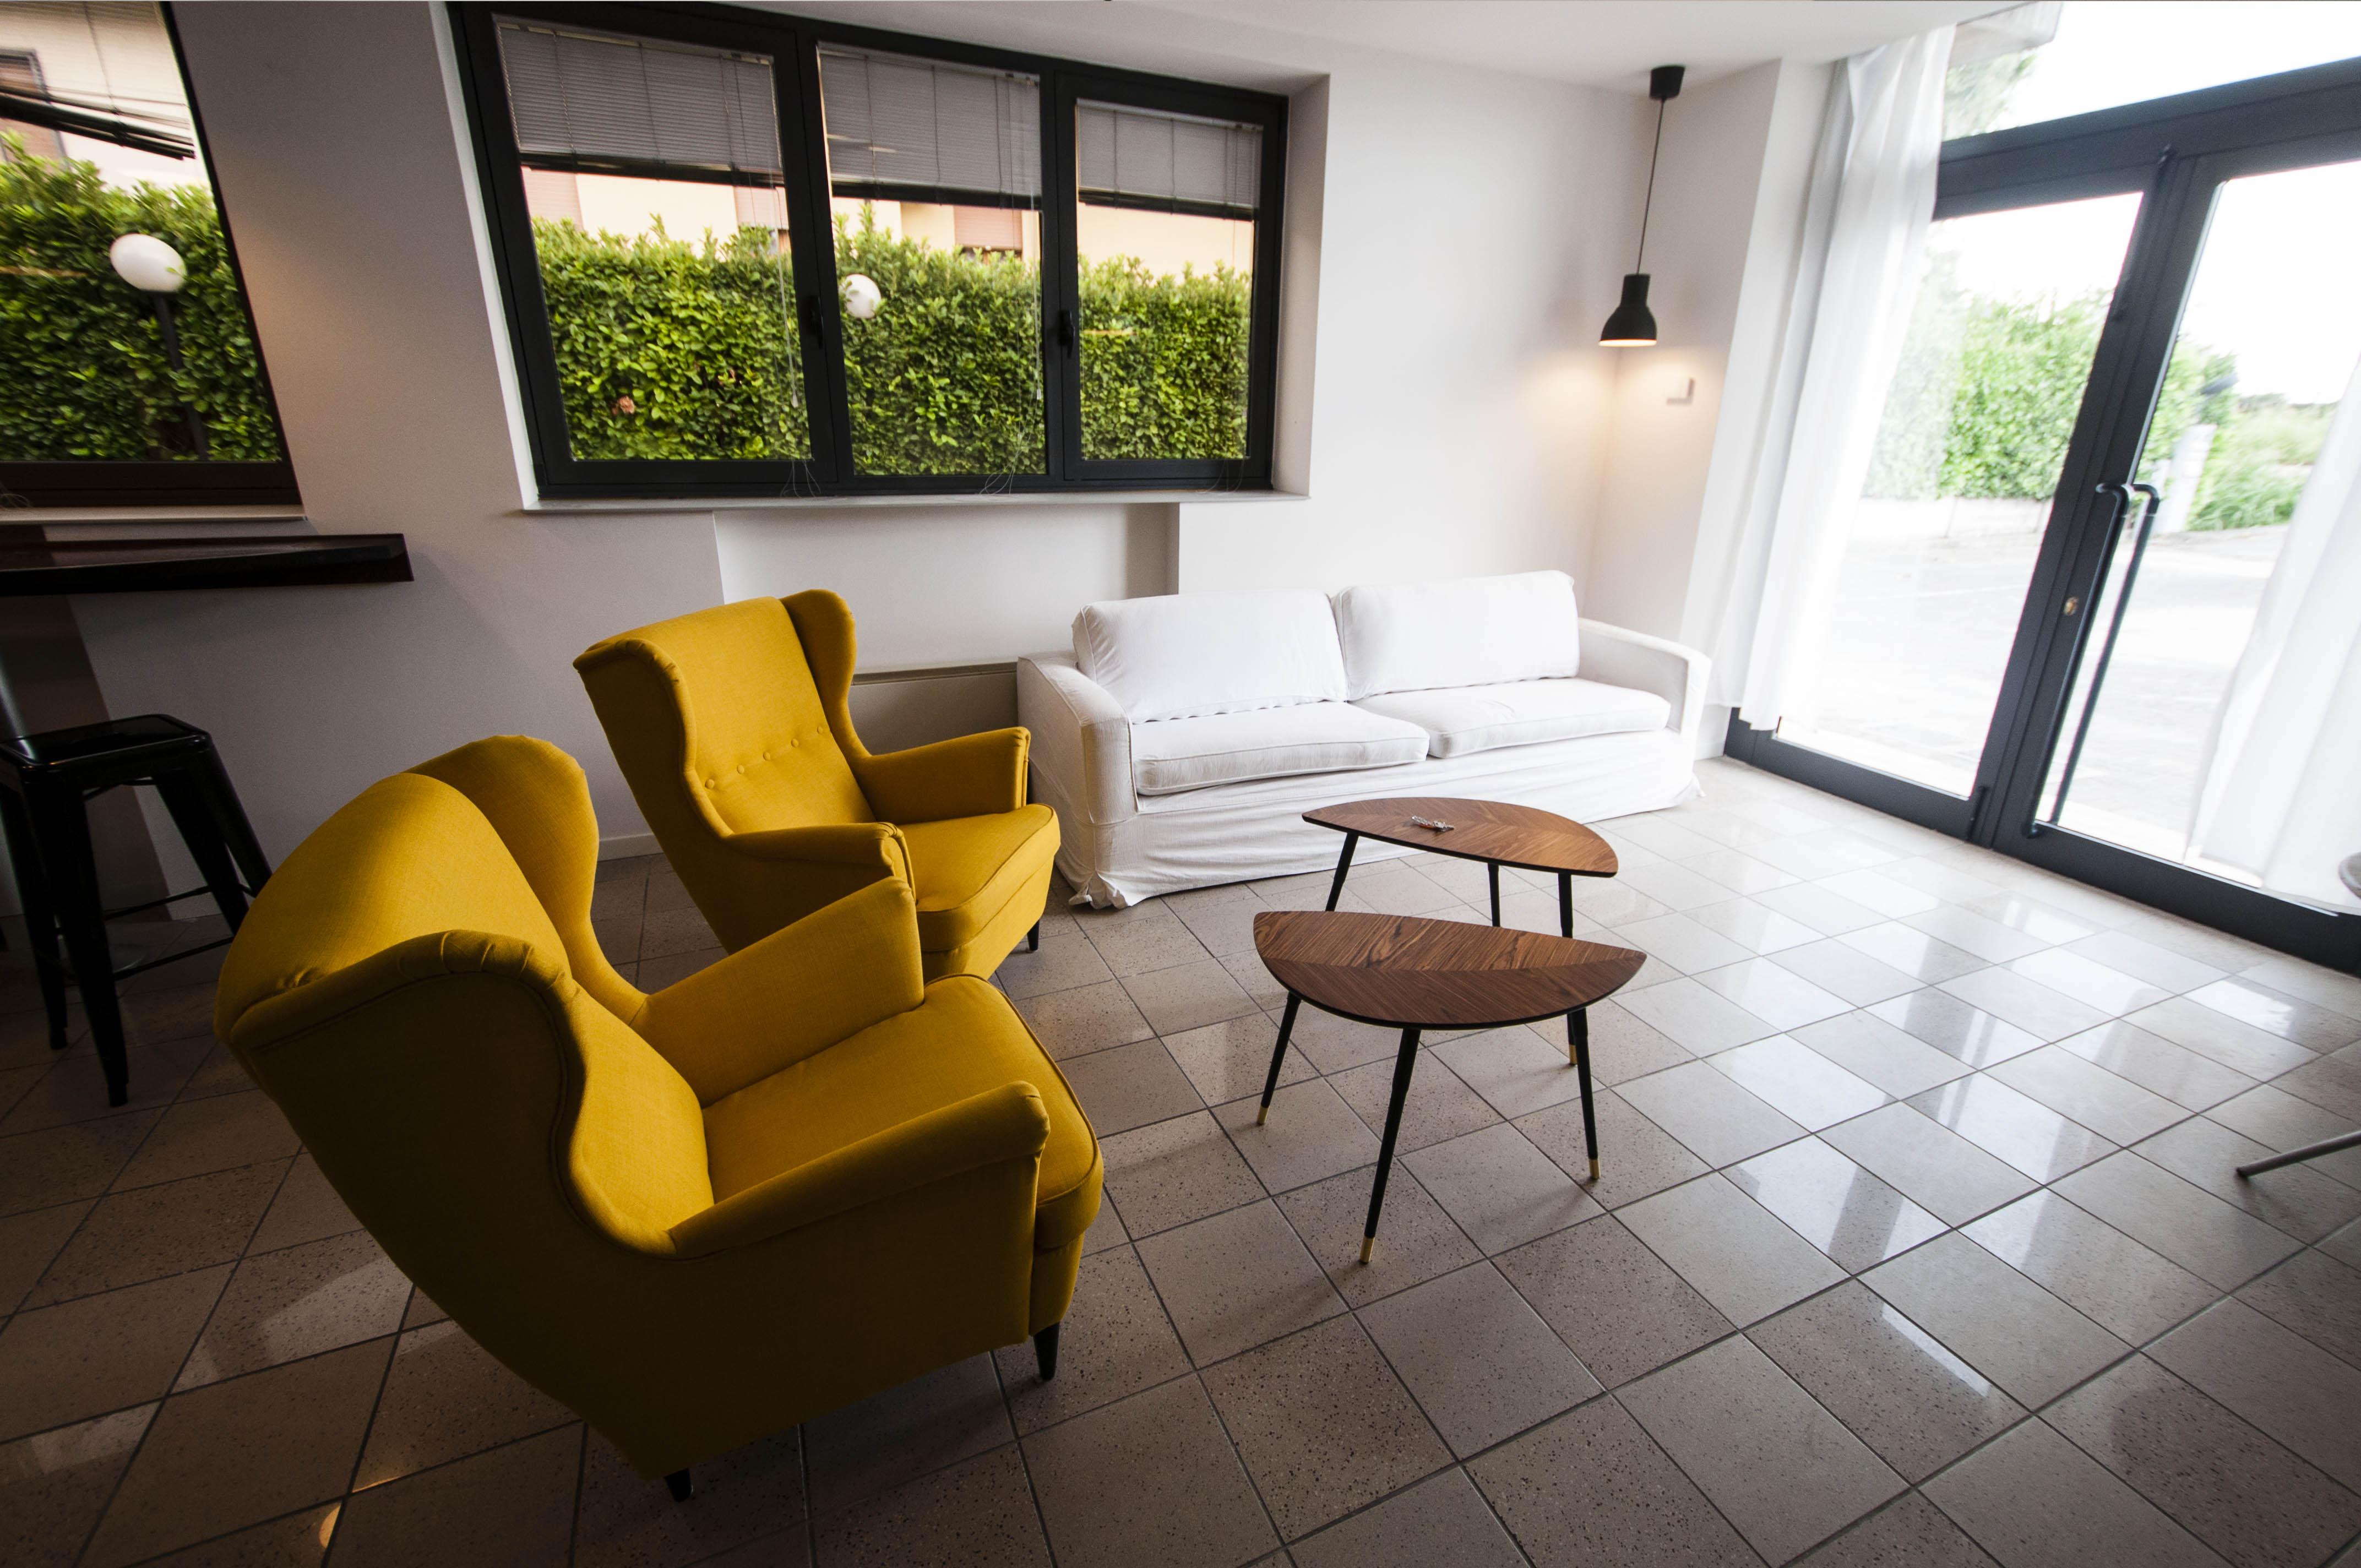 Camere in Affitto Treviso Villorba - Studio Architettura Zanatta 03